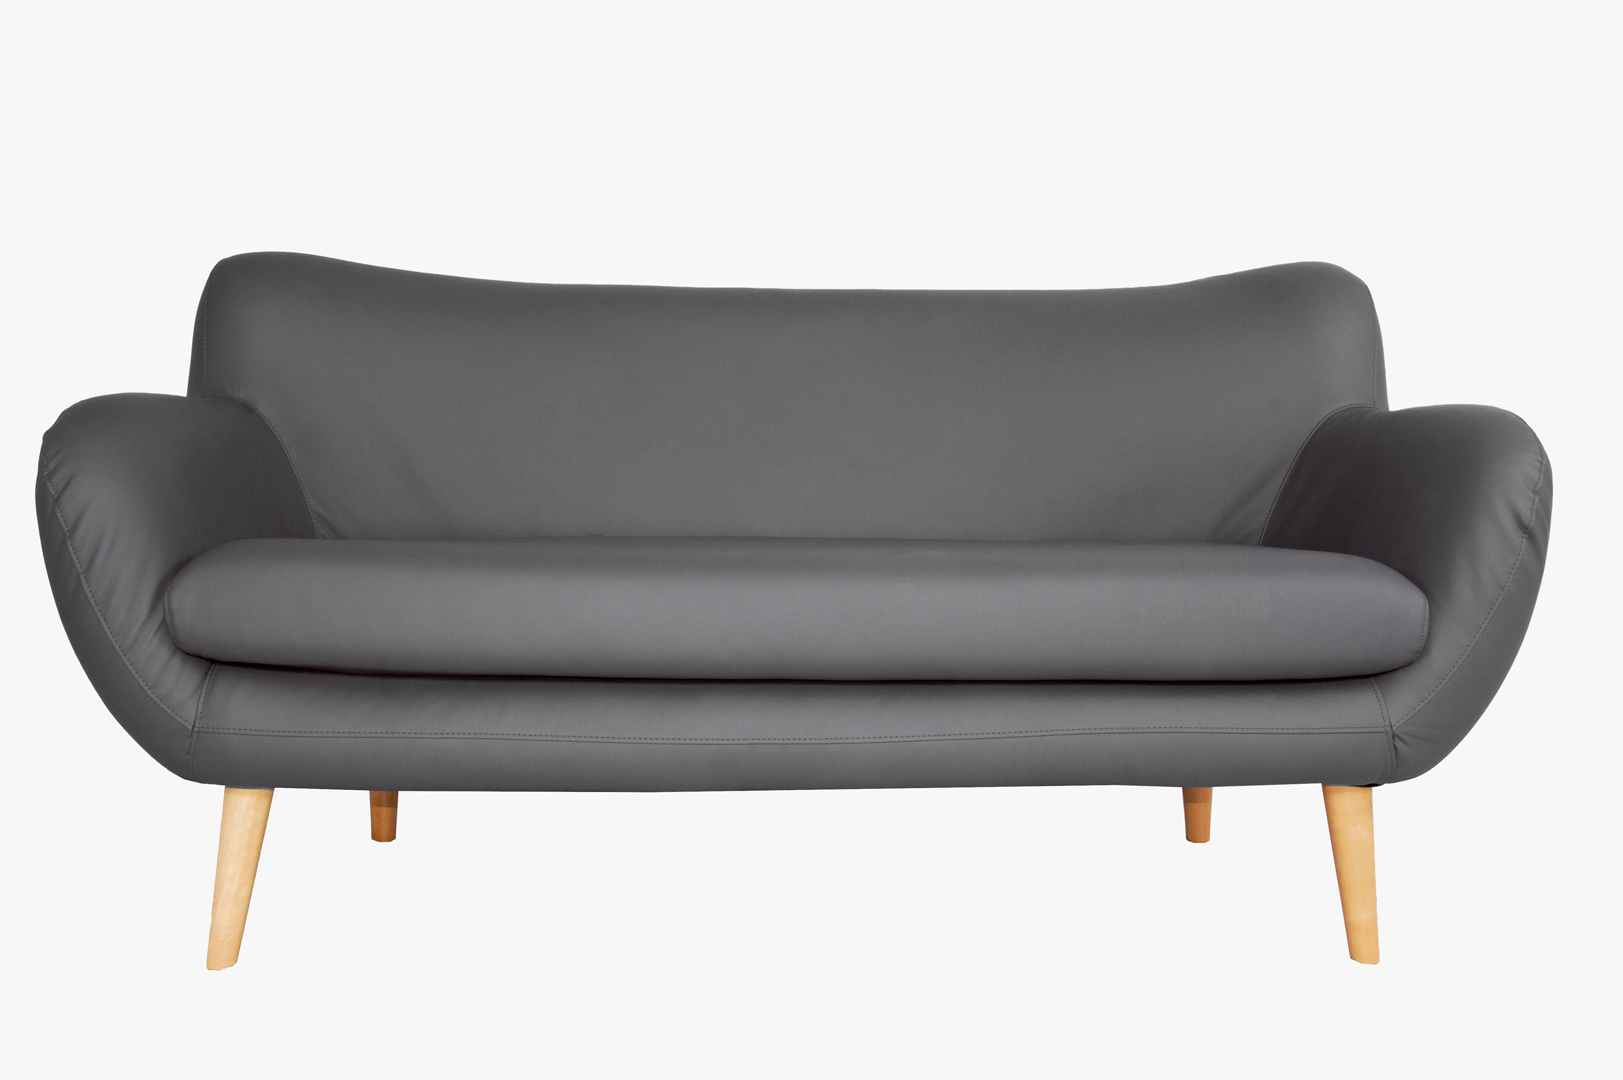 Canapé fixe design 3 places en PU gris Axelle